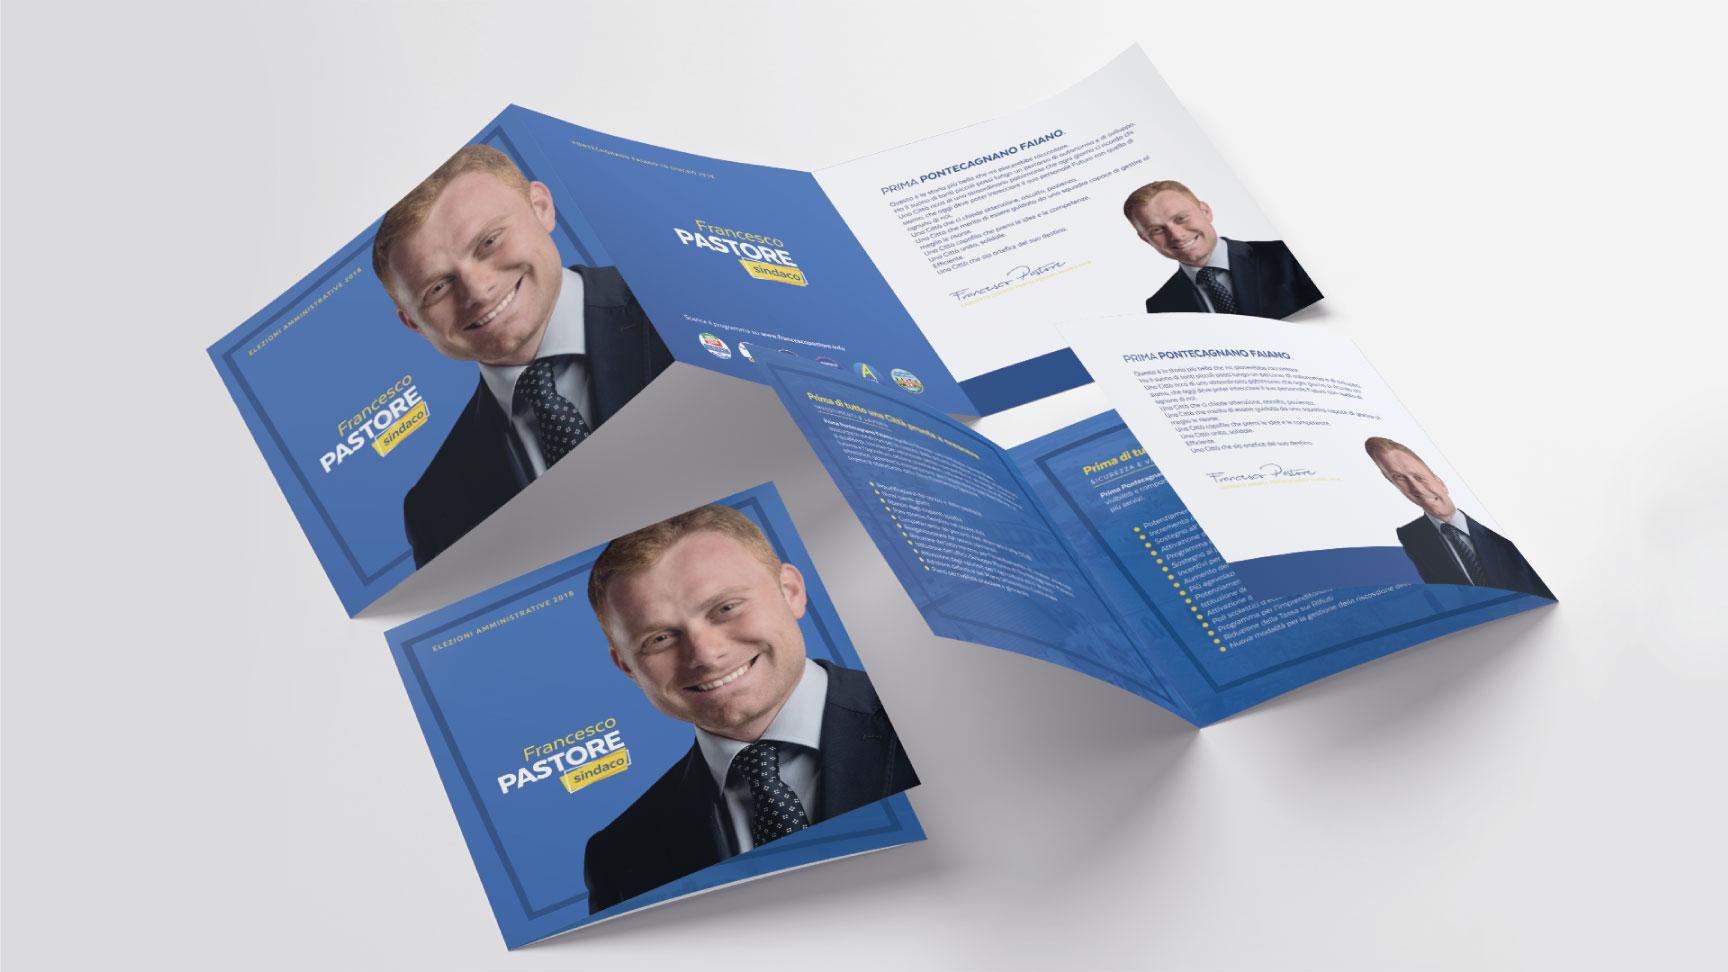 Pastore_Brochure